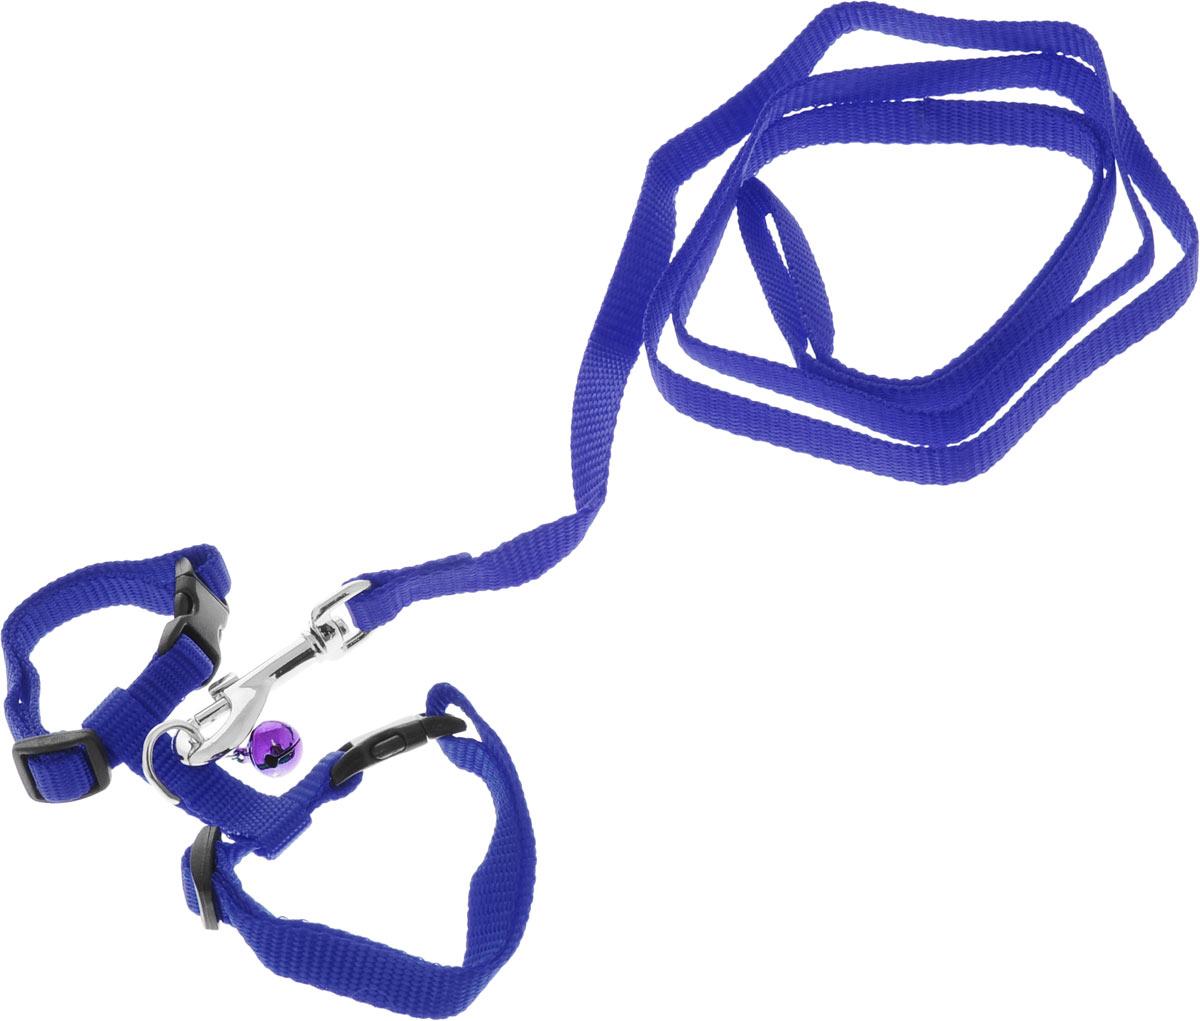 Шлейка для грызунов Каскад, с поводком, цвет: синий, ширина 10 мм, обхват груди 20-30 см01210011-06Шлейка изготовлена из прочного нейлона и дополнена бубенчиком, подходит для домашних грызунов. Крепкие металлические элементы делают ее надежной и долговечной. Шлейка - это альтернатива ошейнику. Правильно подобранная шлейка не стесняет движения питомца, не натирает кожу, поэтому животное чувствует себя в ней уверенно и комфортно. Размер регулируется при помощи пряжки. В комплекте поводок с металлическим карабином. Обхват груди: 20-30 см. Ширина шлейки: 1 см. Длина поводка: 108 см.